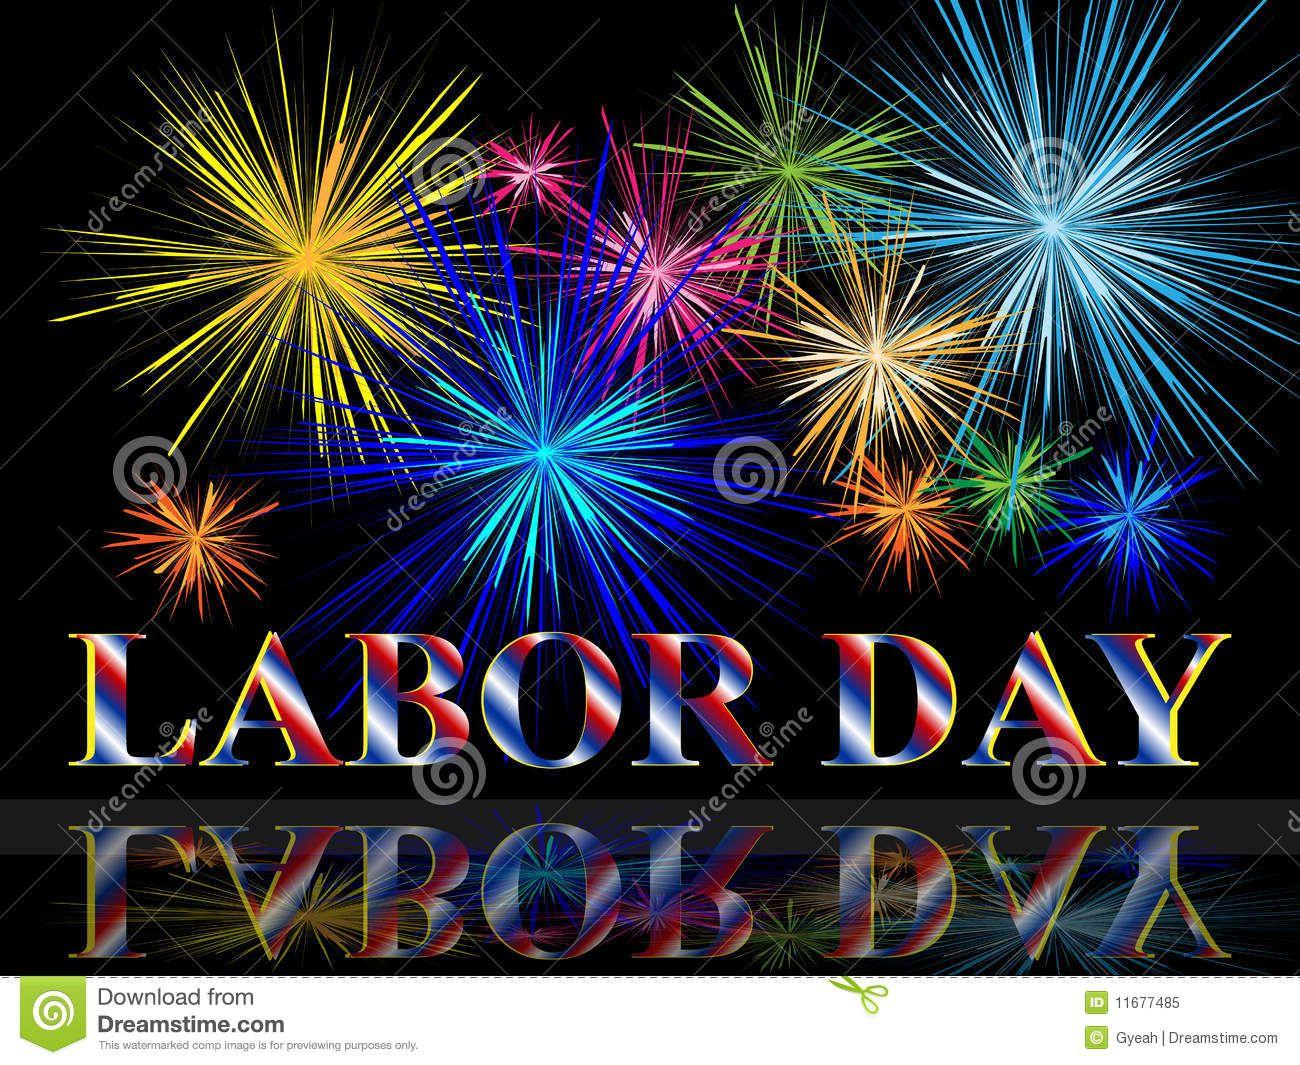 Happylaborday Laborday Laborday2015 Labor Day Greetings Holidays